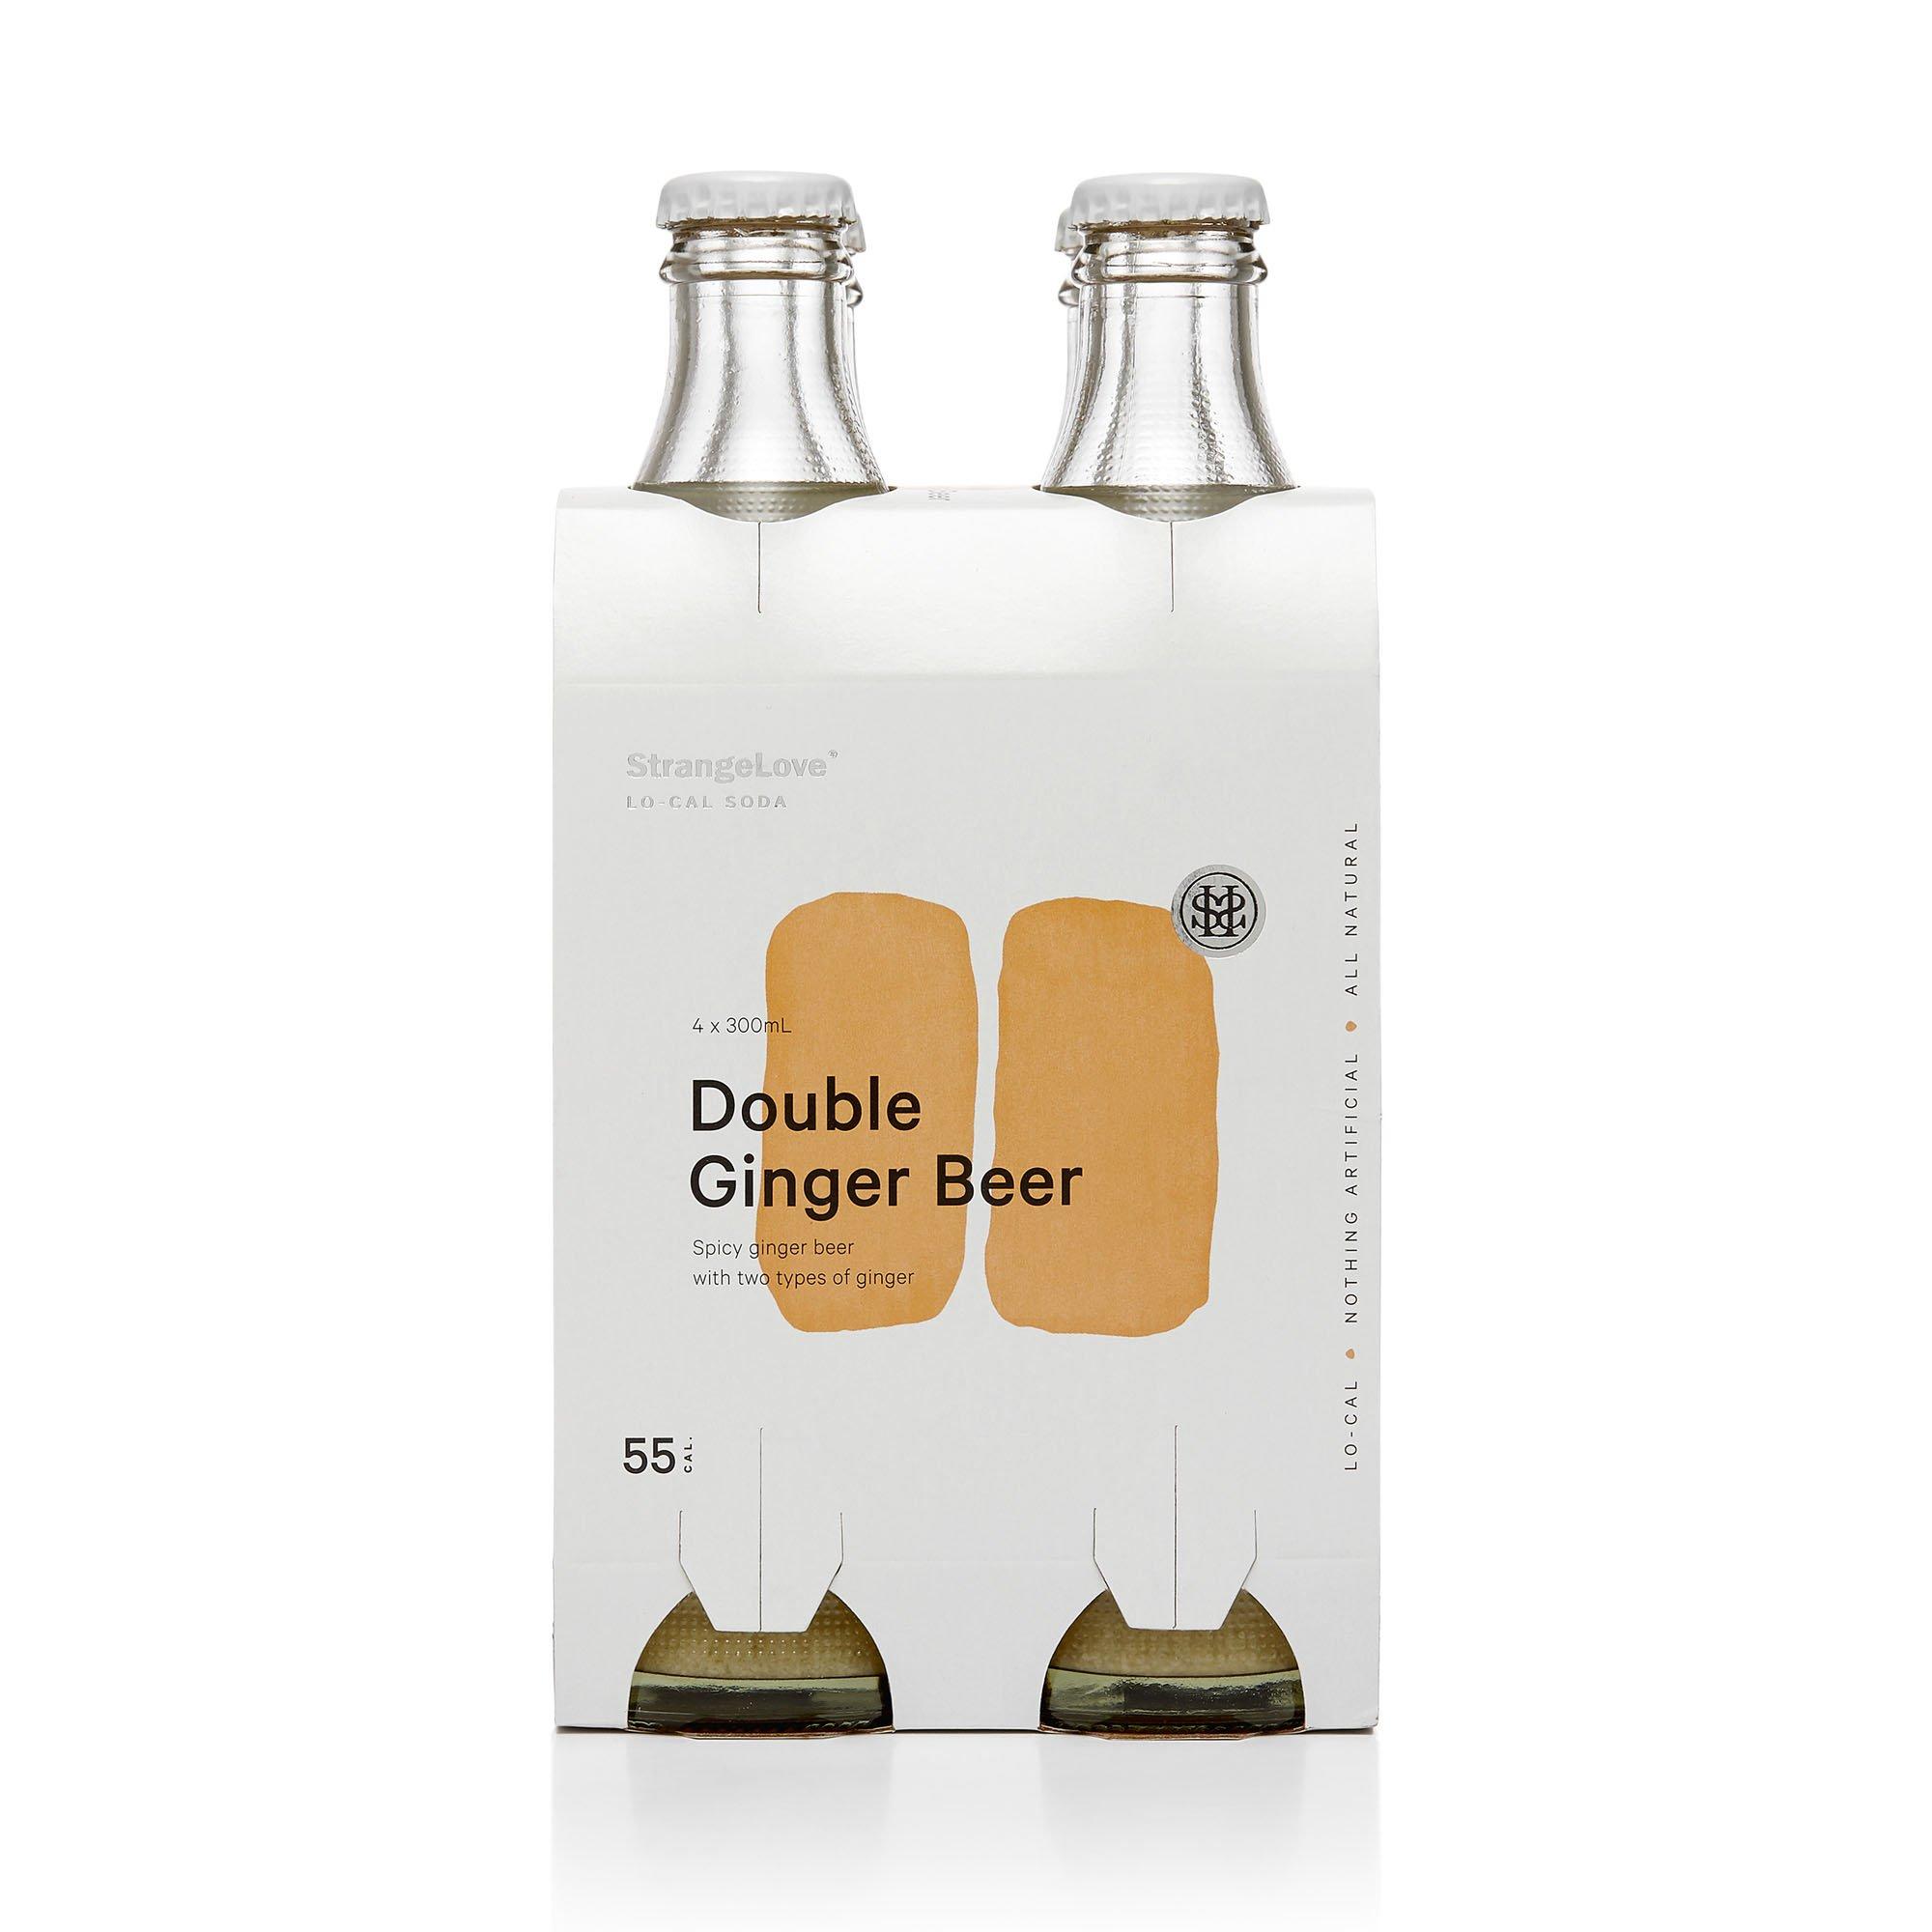 Ginger_Beer_StrangeLove_3b588635-528c-427b-a016-d48d8fd3fce5.jpg